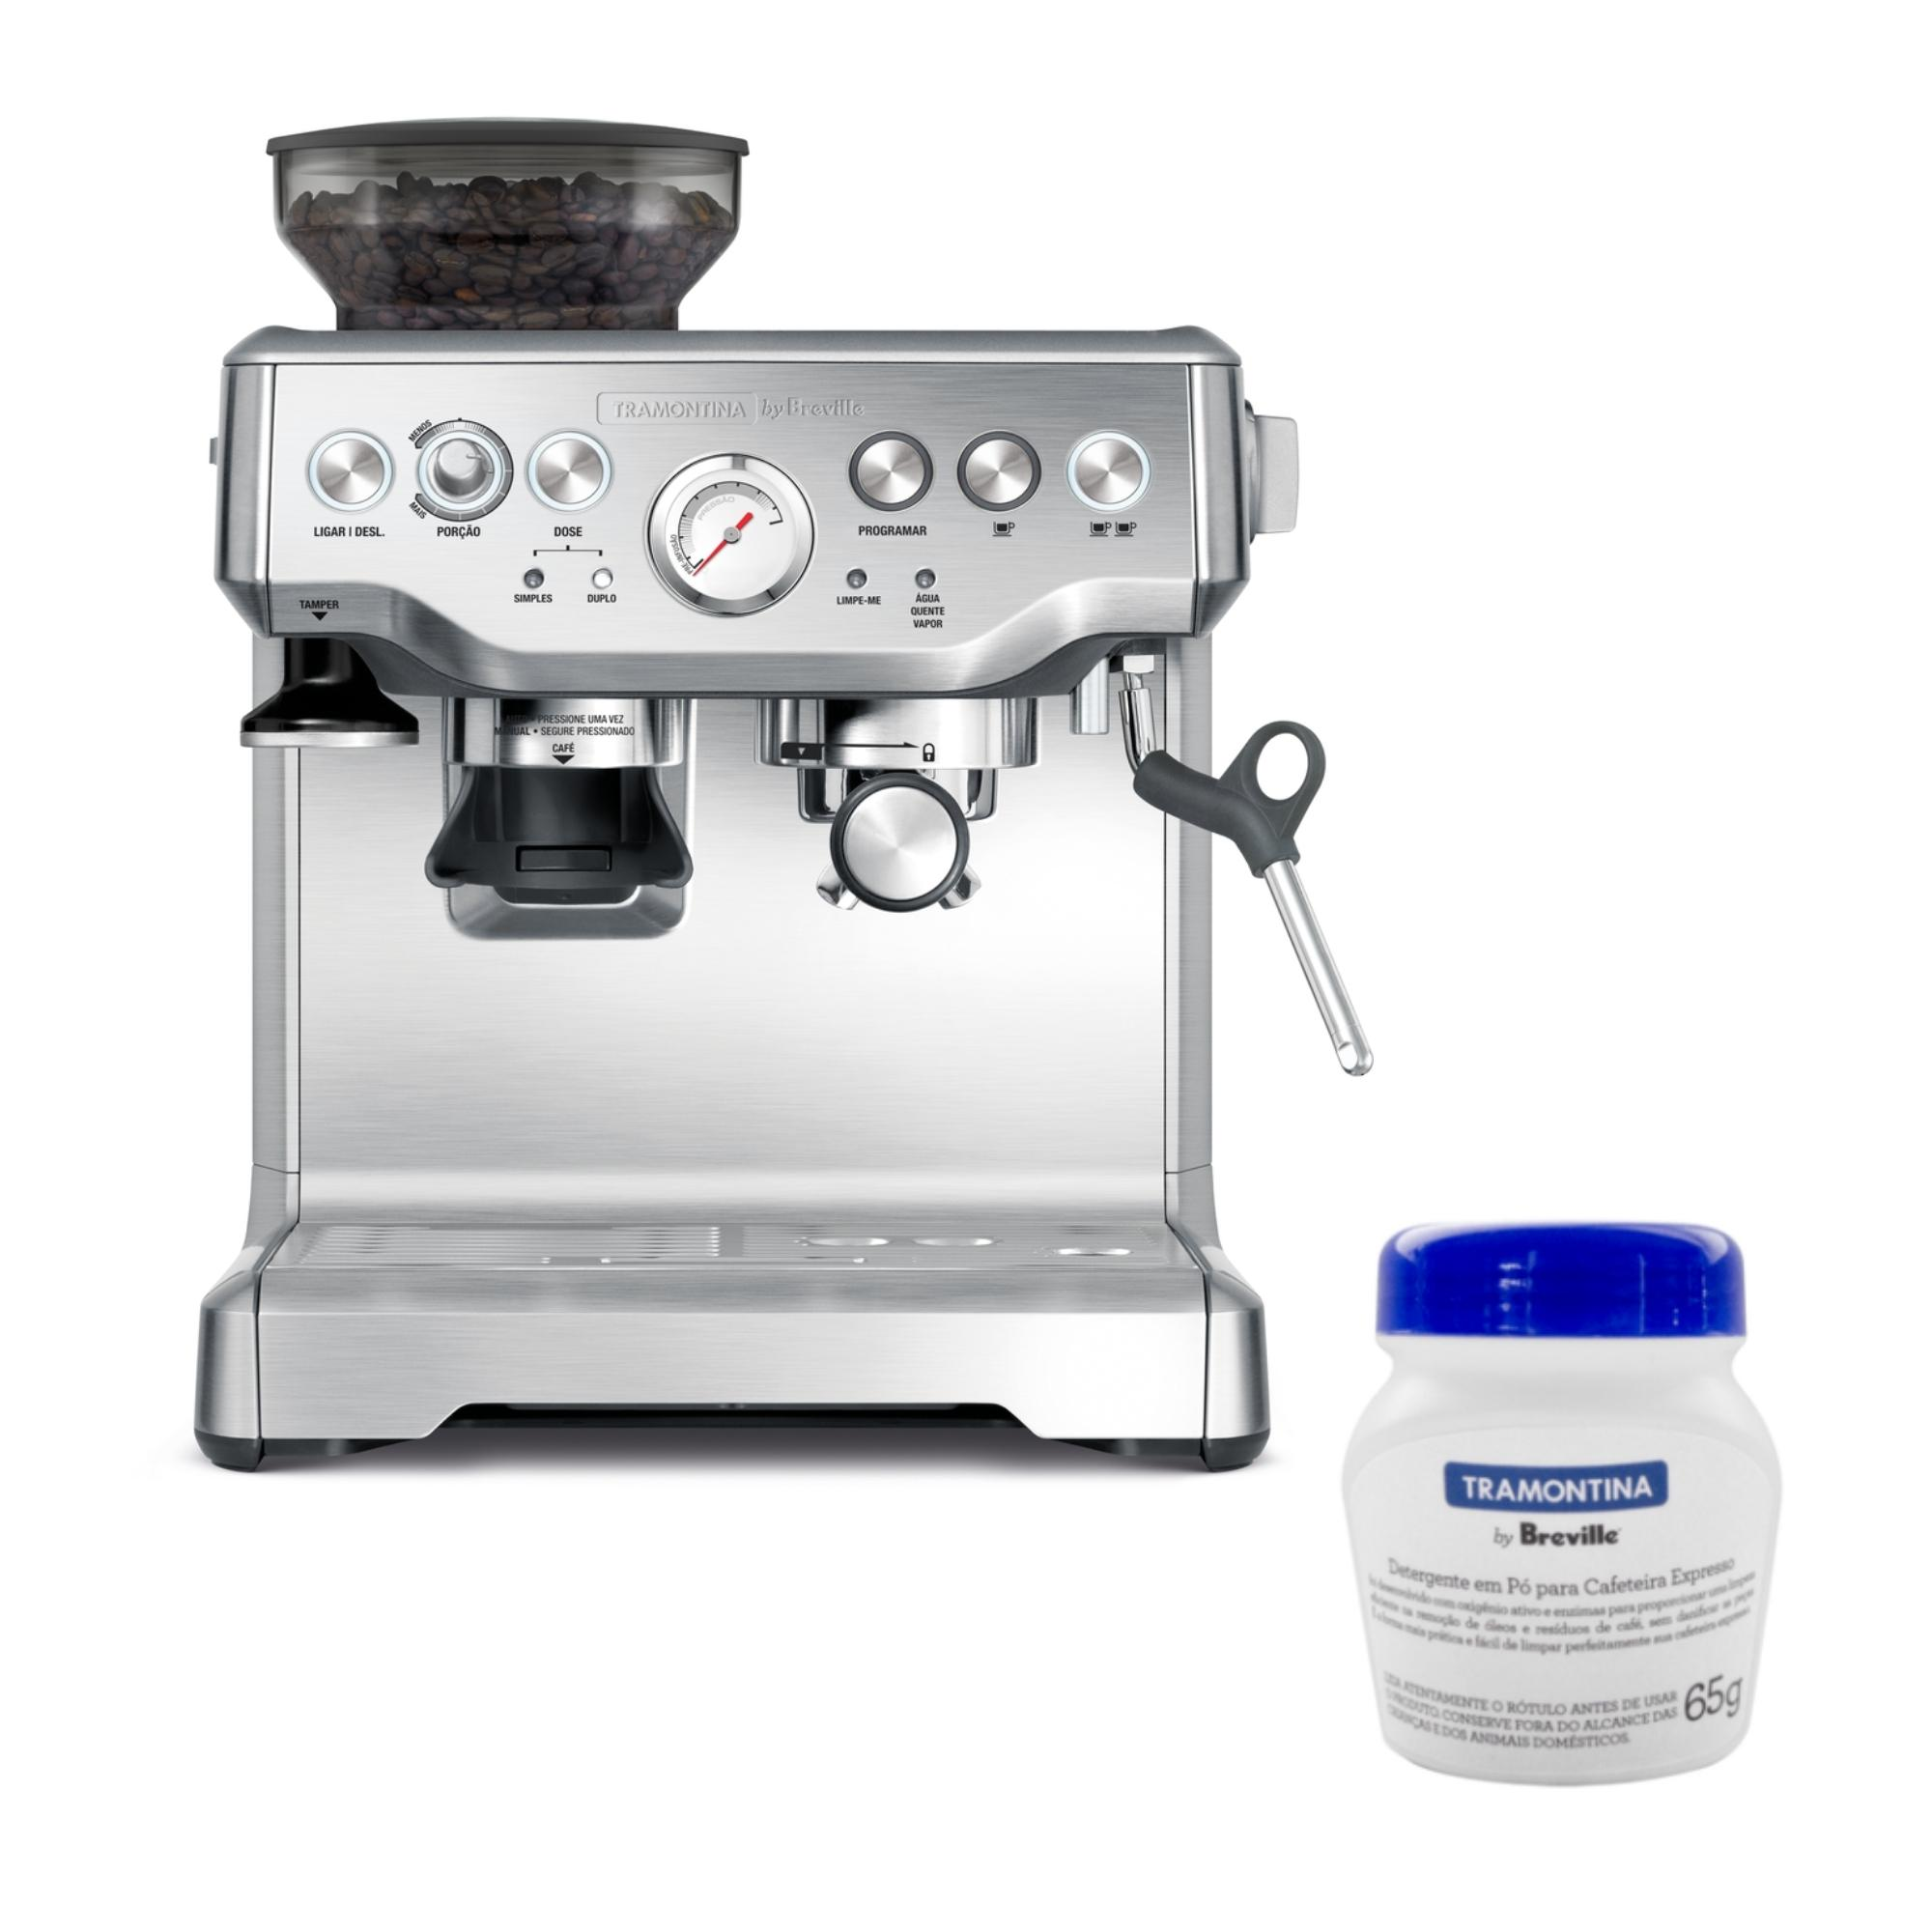 Cafeteira Tramontina By Breville Express Pro 69066 Inox e Detergente em pó para Cafeteira